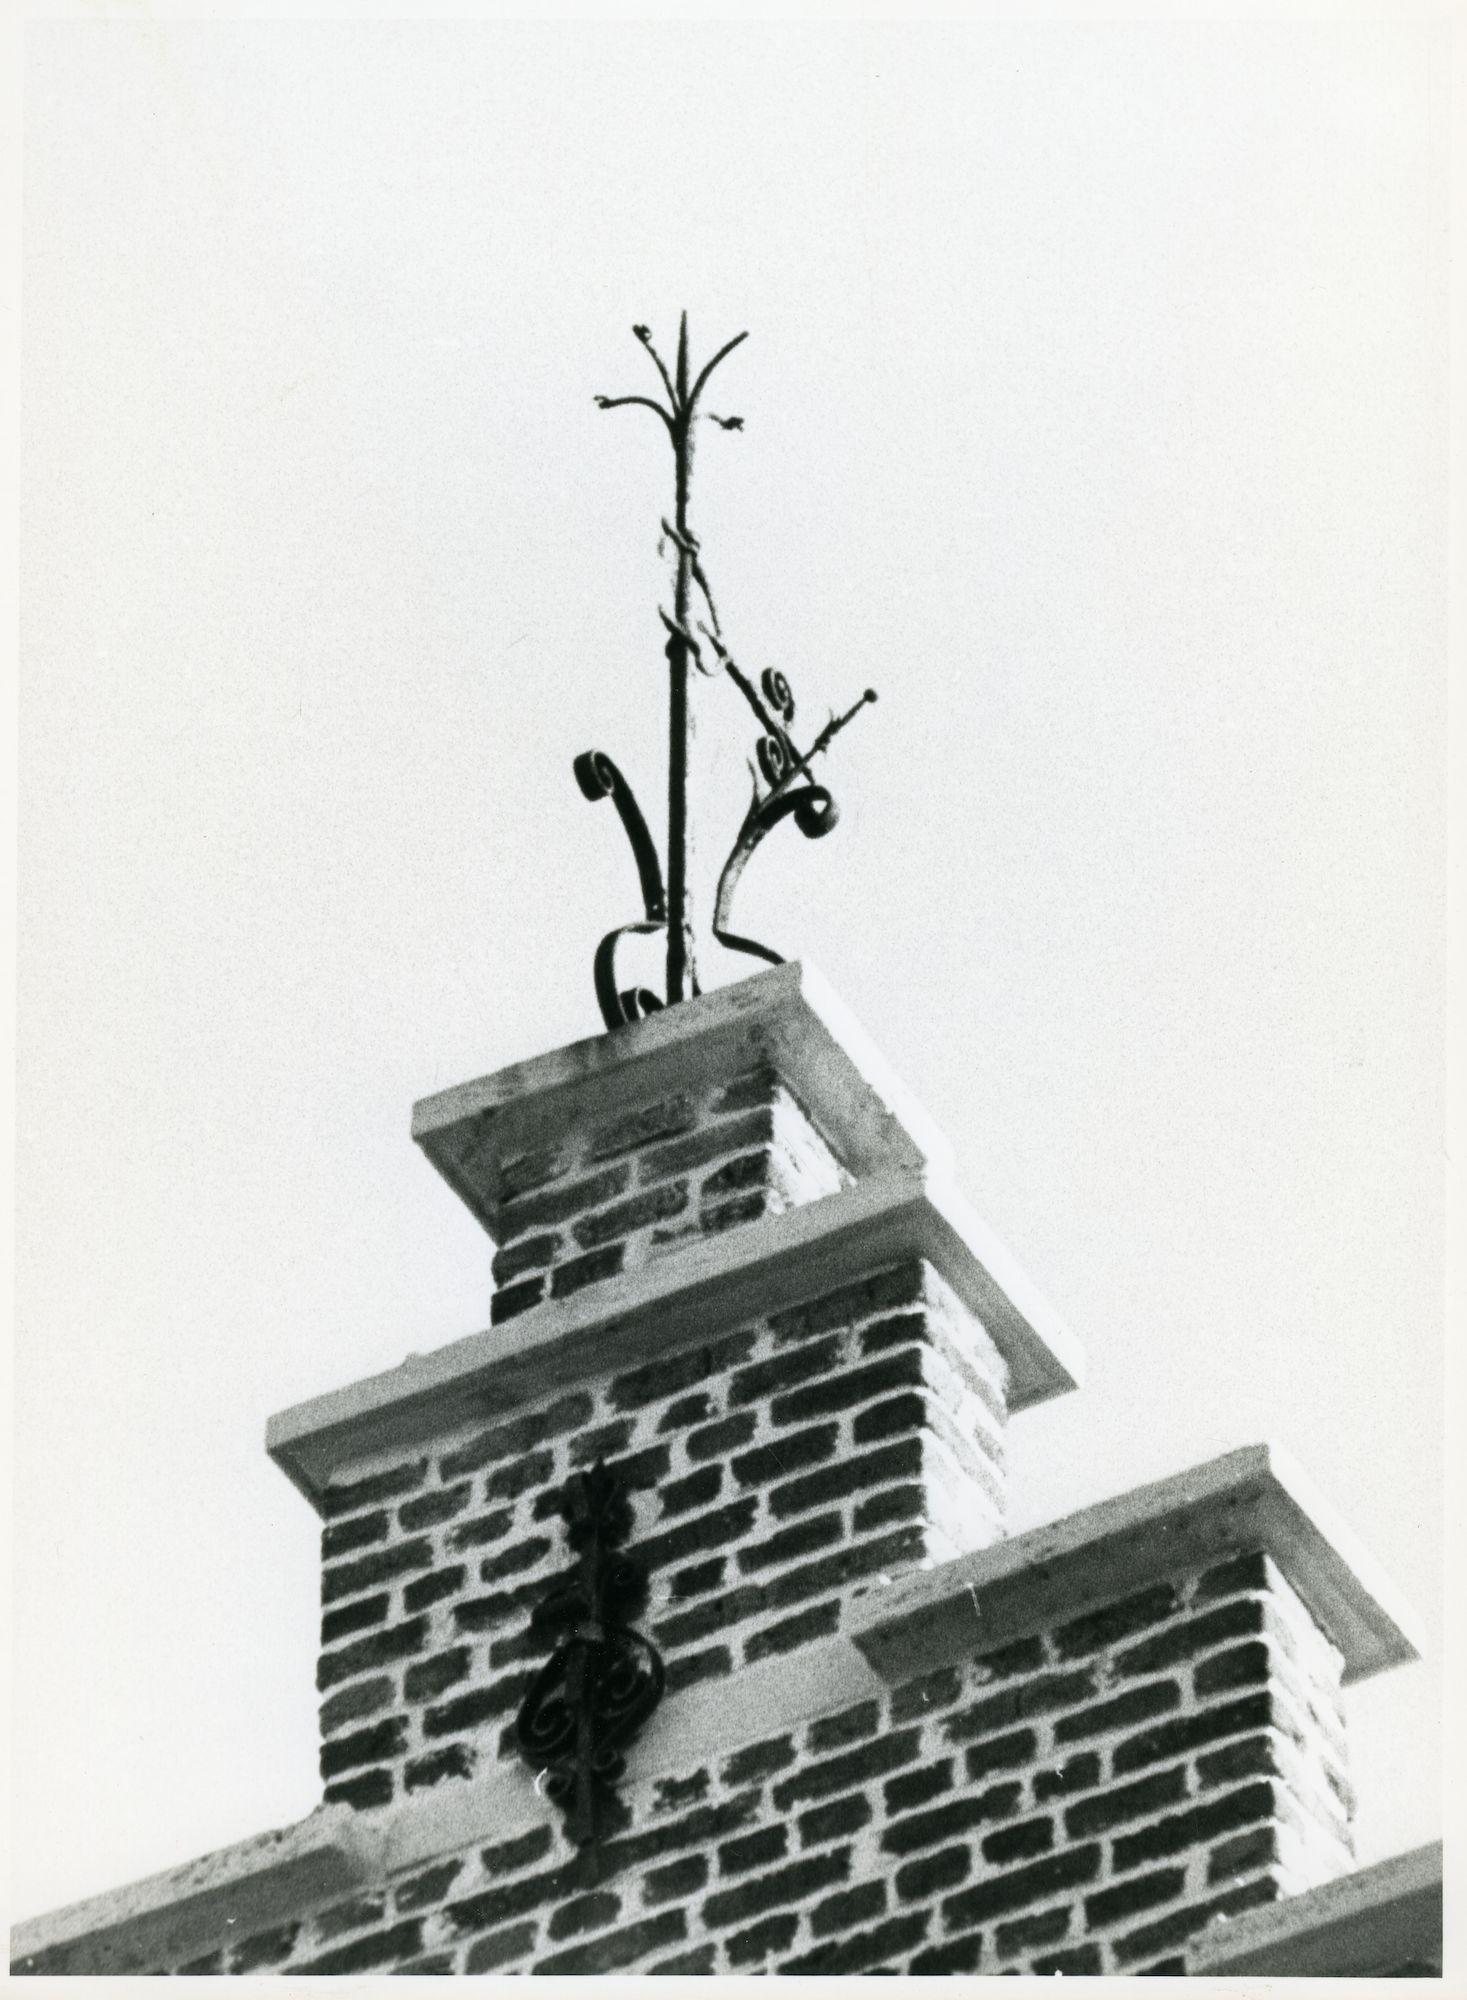 Ledeberg: Hundelgemsesteenweg 349: Nokversiering, 1979